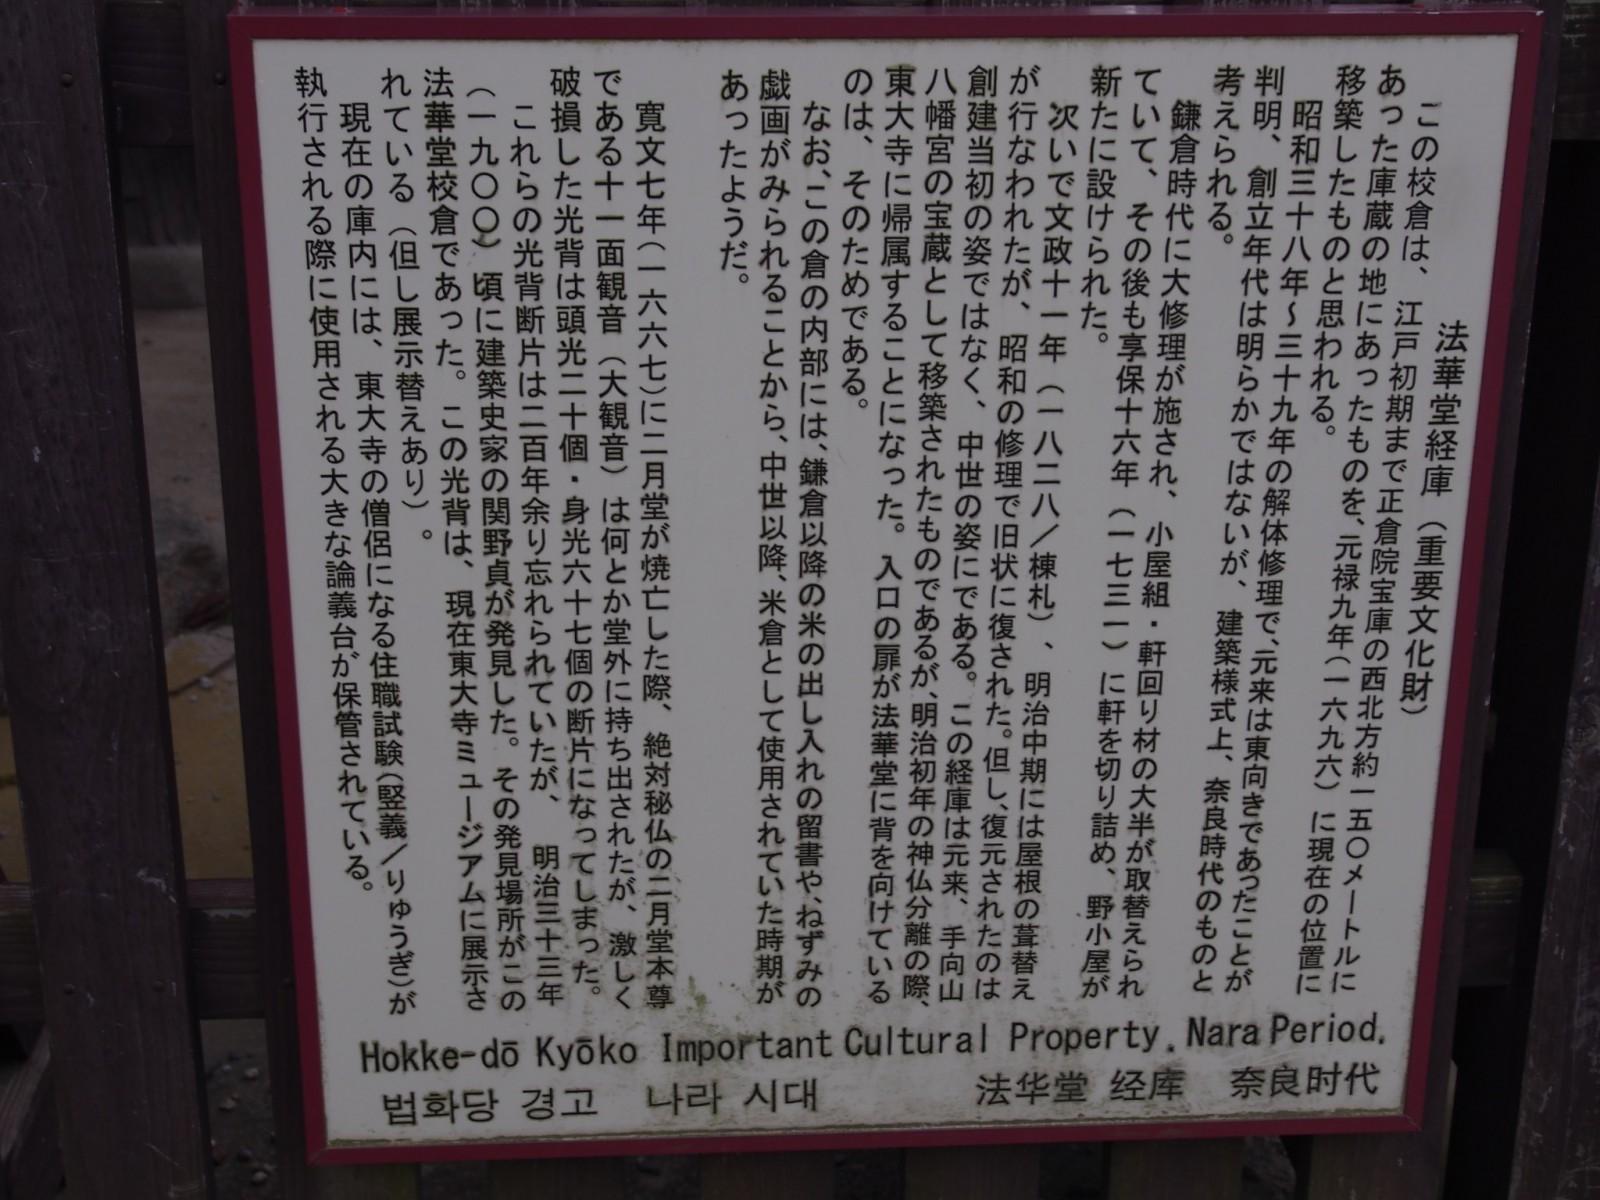 東大寺法華堂経庫の案内板